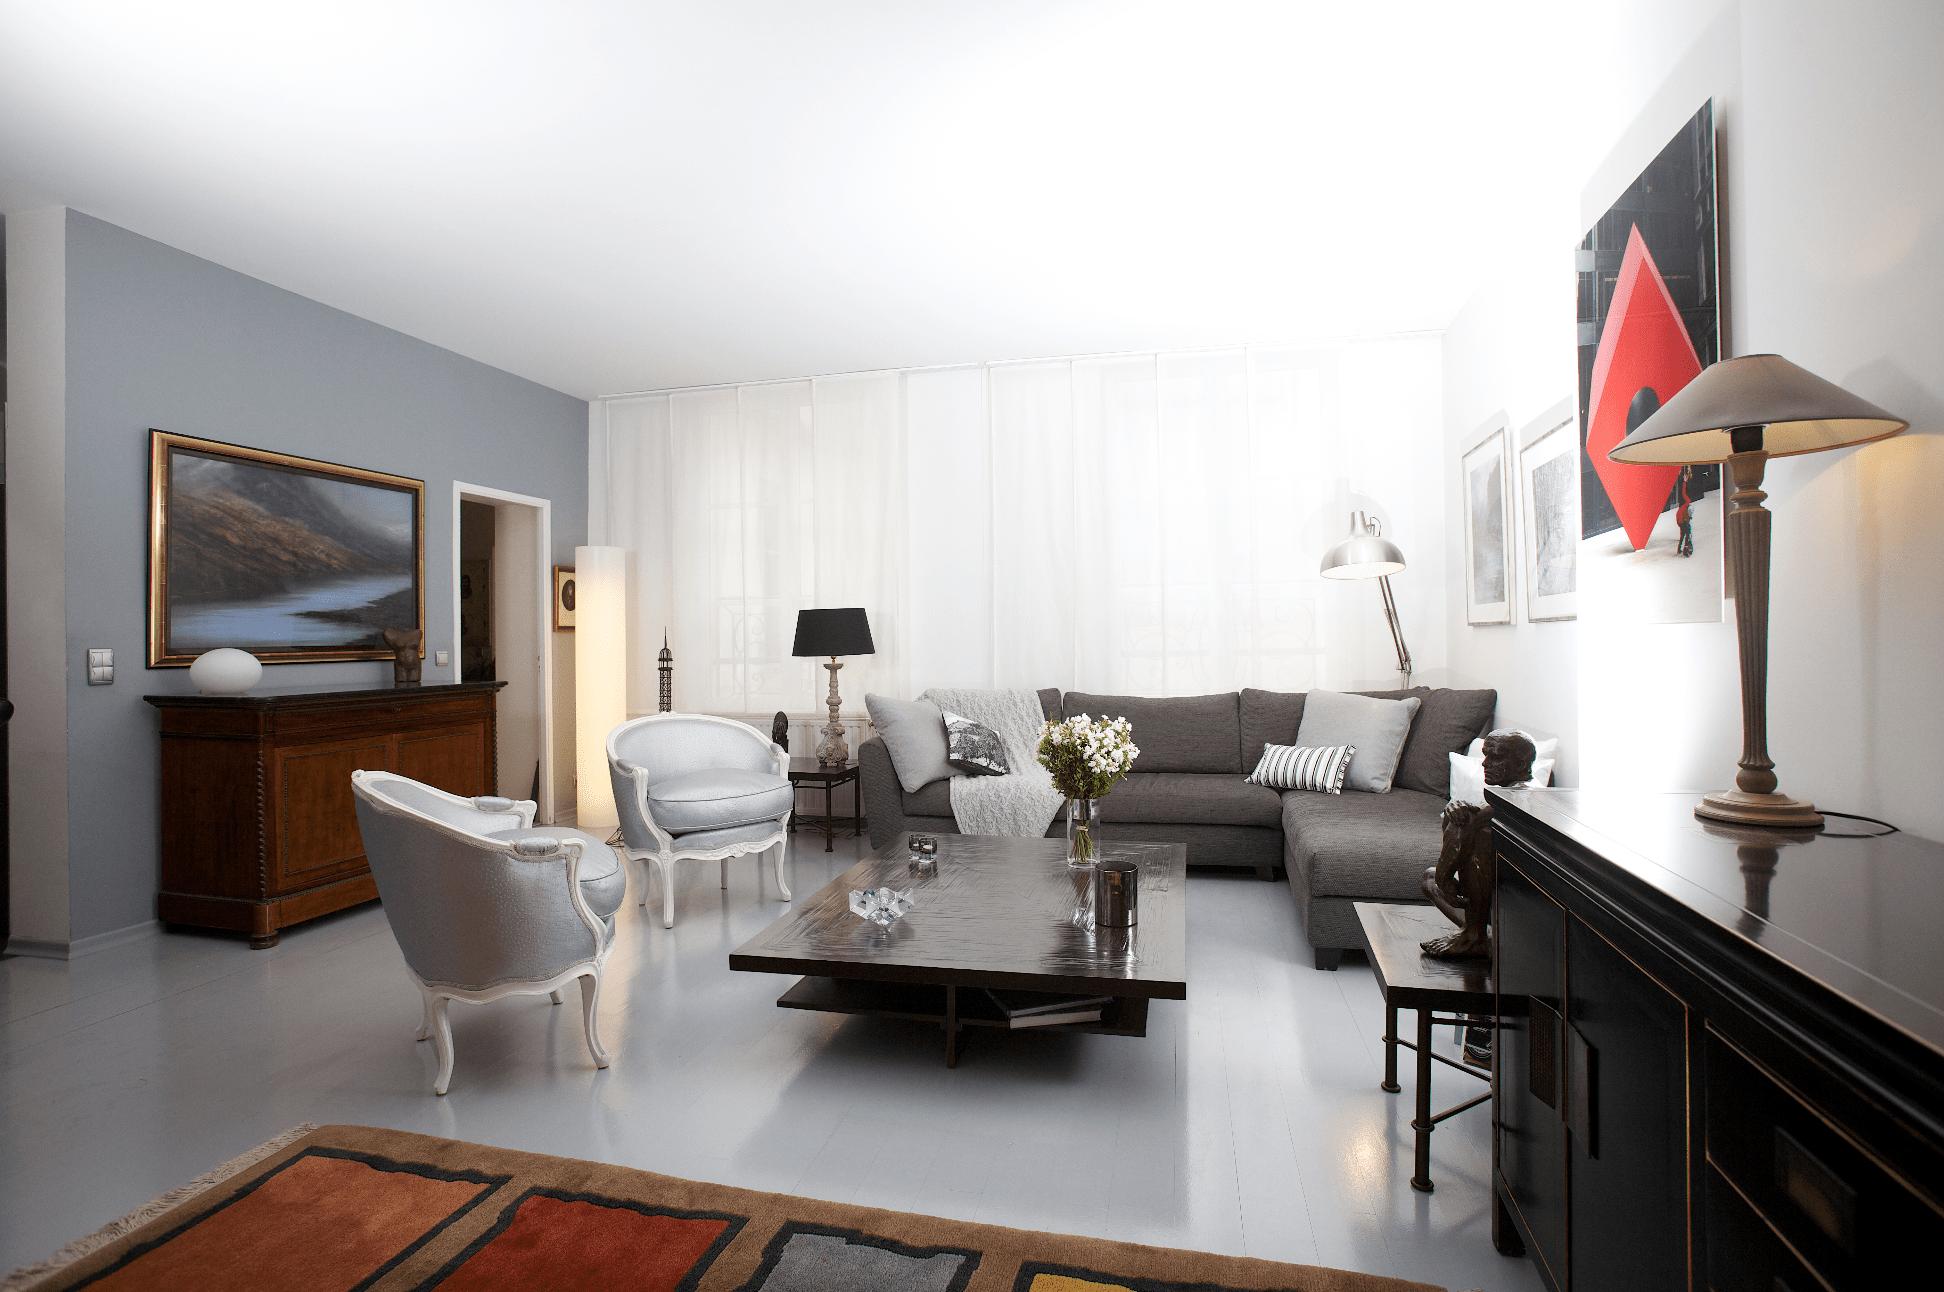 Architecte Interieur Paris Petite Surface architecte d'intérieur | décoratrice | michèle boni | paris